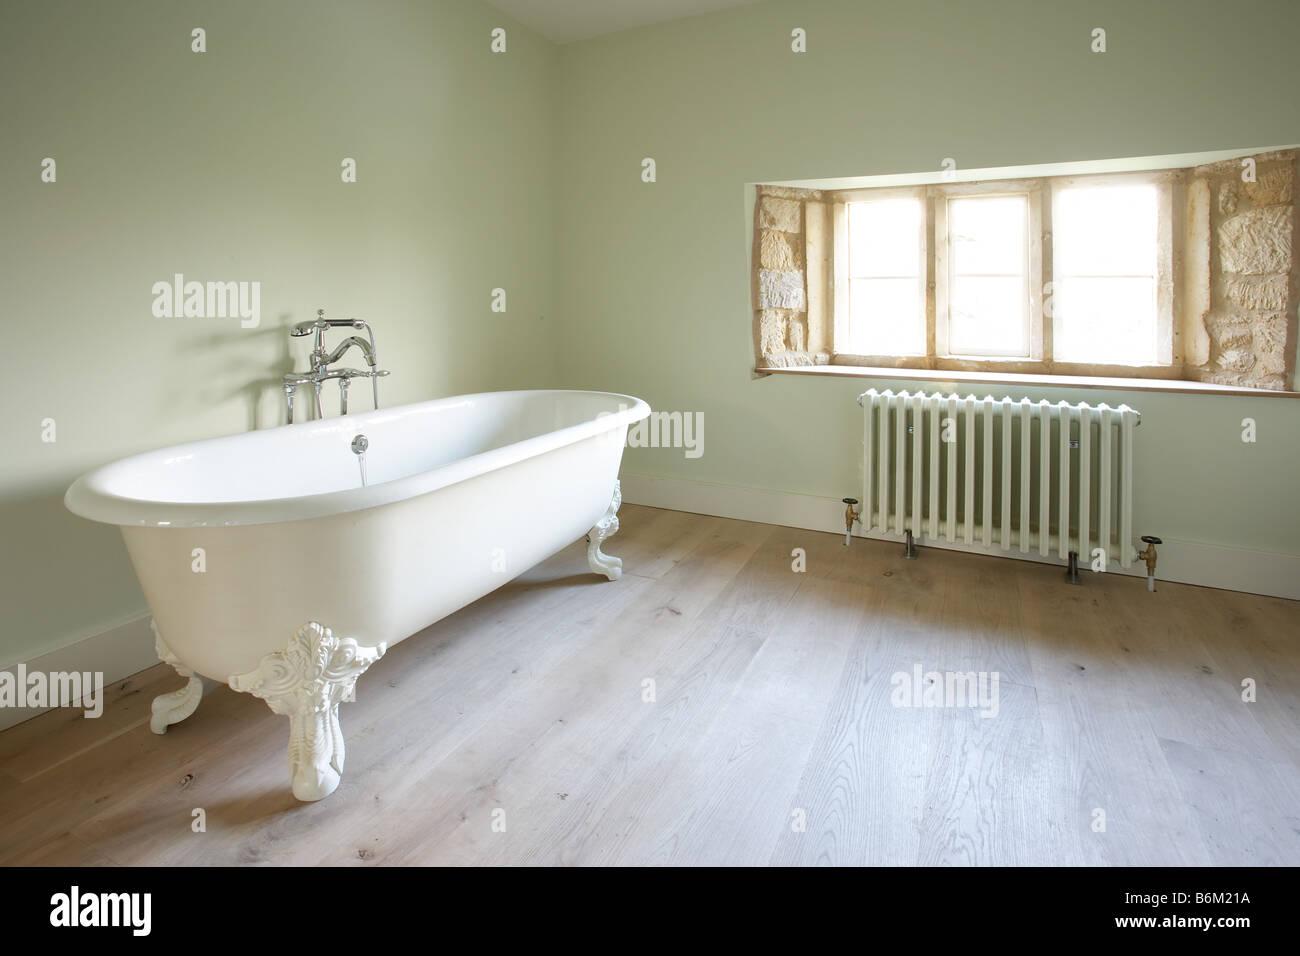 Freistehenden viktorianischen Stil weiße Bad Badewanne Badewanne im ...